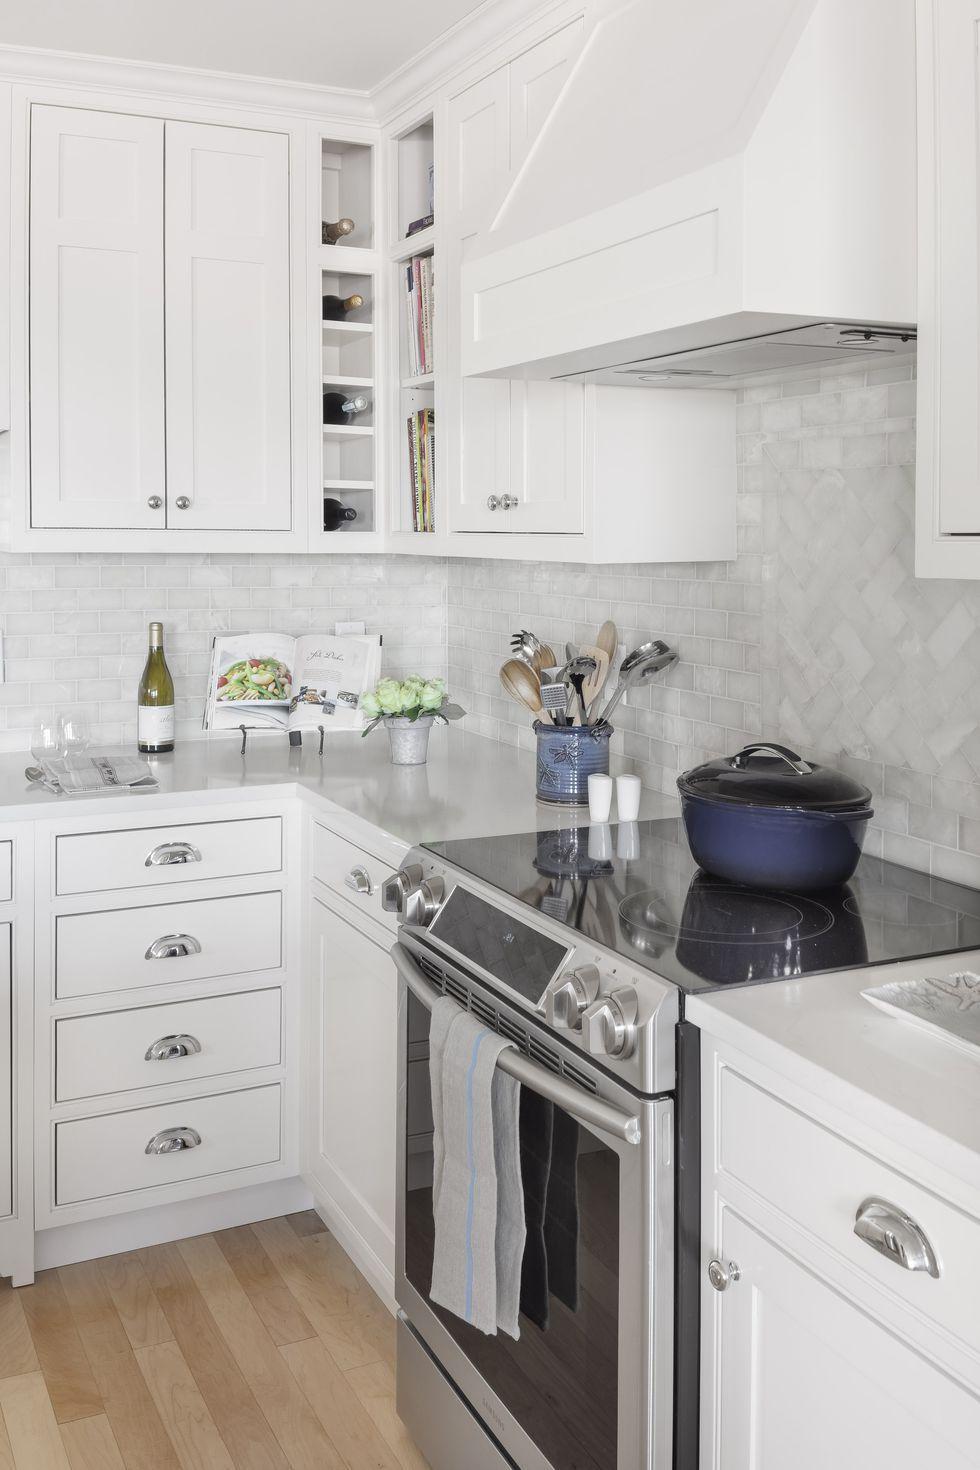 Kitchen Backsplash Designs for a Modern Room